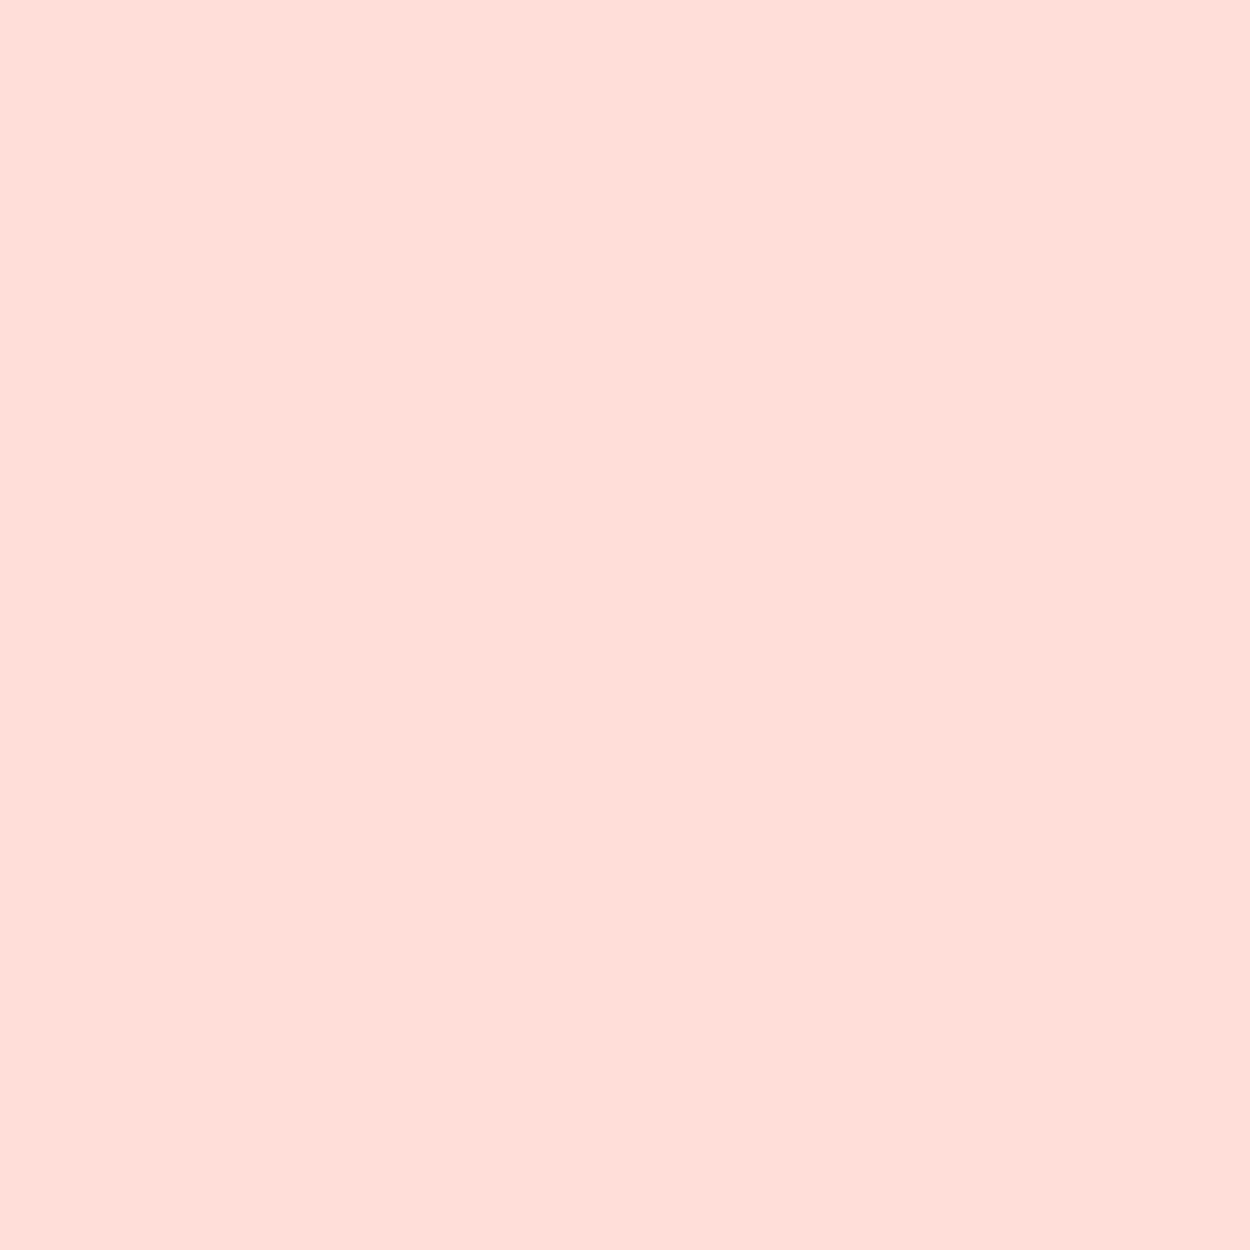 Pink Mimosa (32YR 78_106)